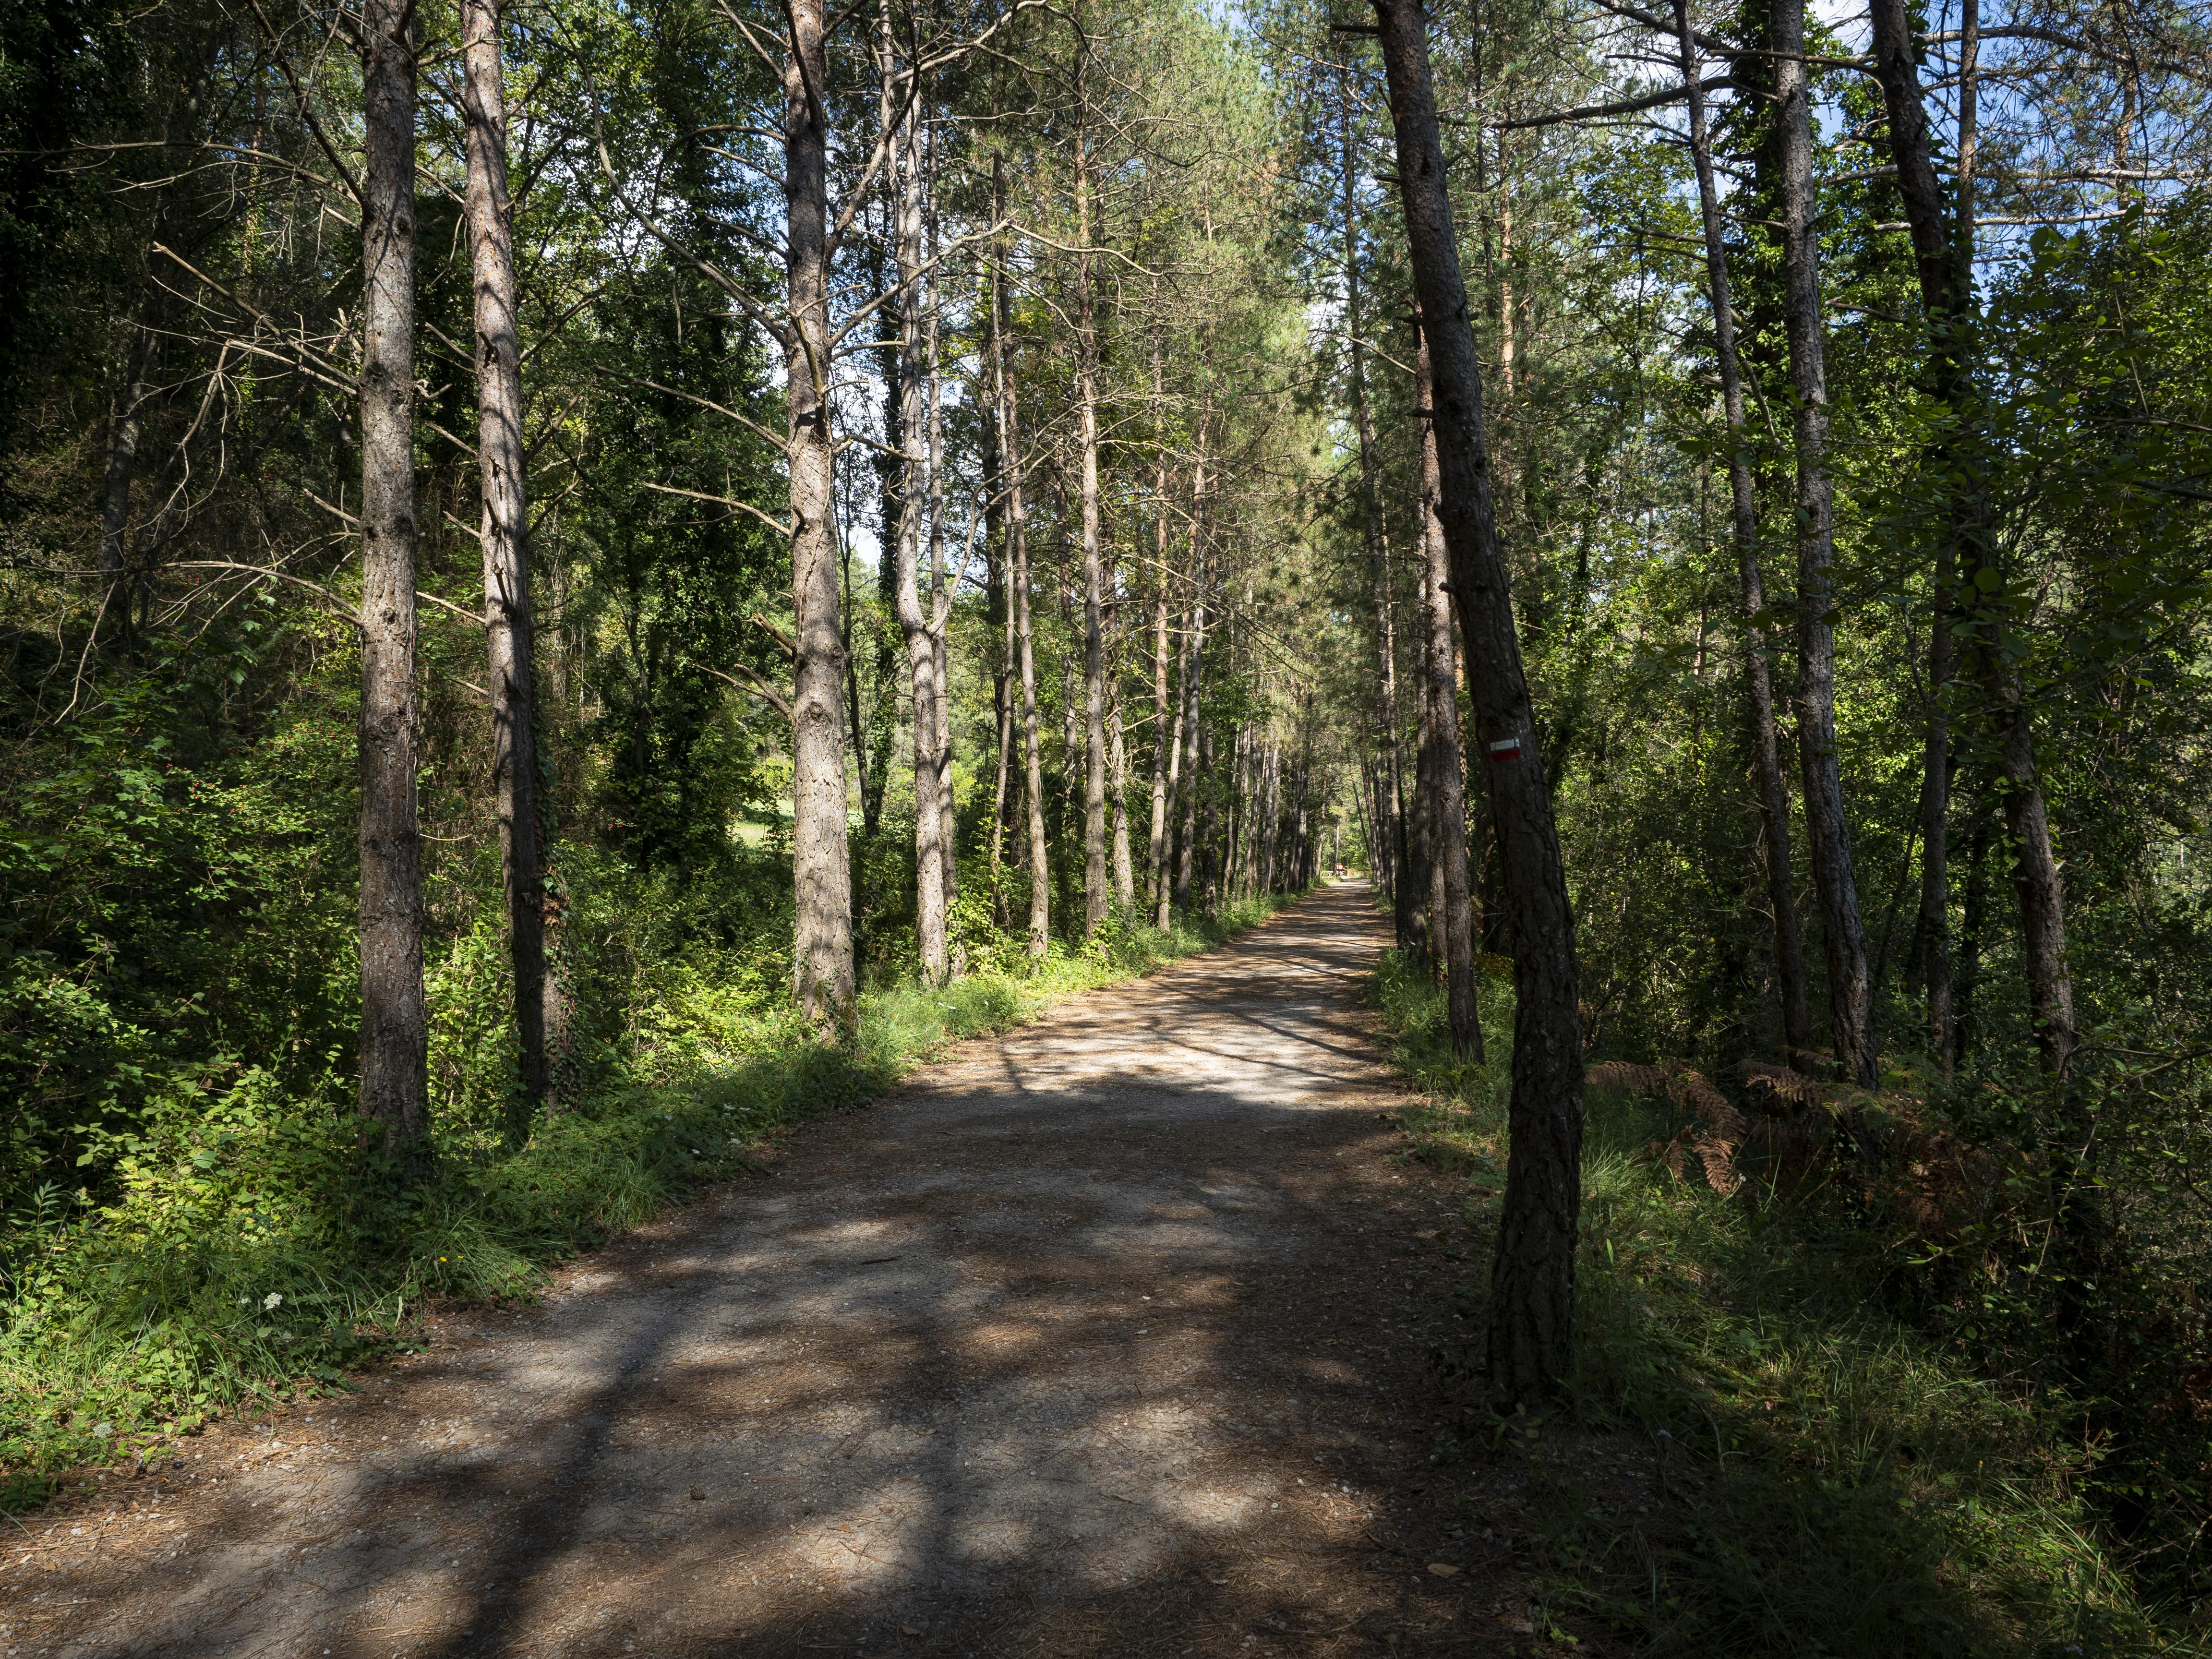 La Via Verda de Cal Rosal a Pedret compta amb paisatges agradables. FOTO: Anna E. Puig